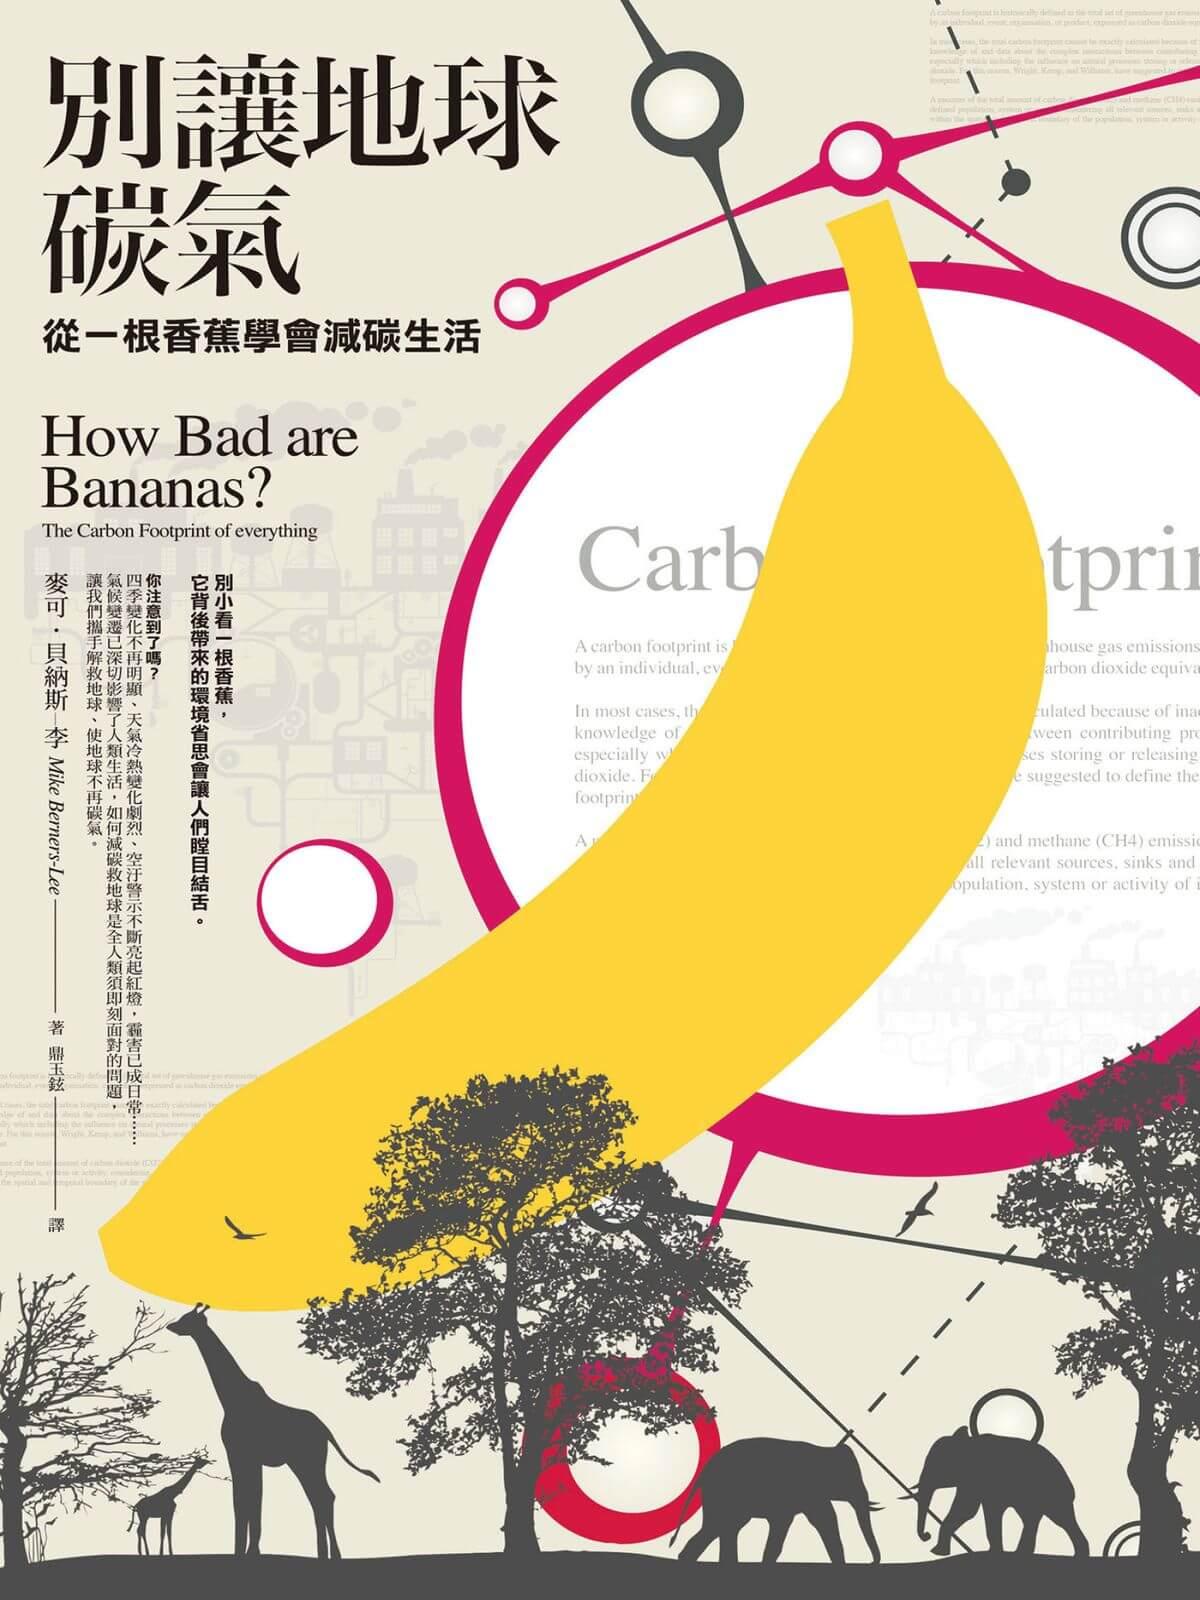 《別讓地球碳氣:從一根香蕉學會減碳生活》